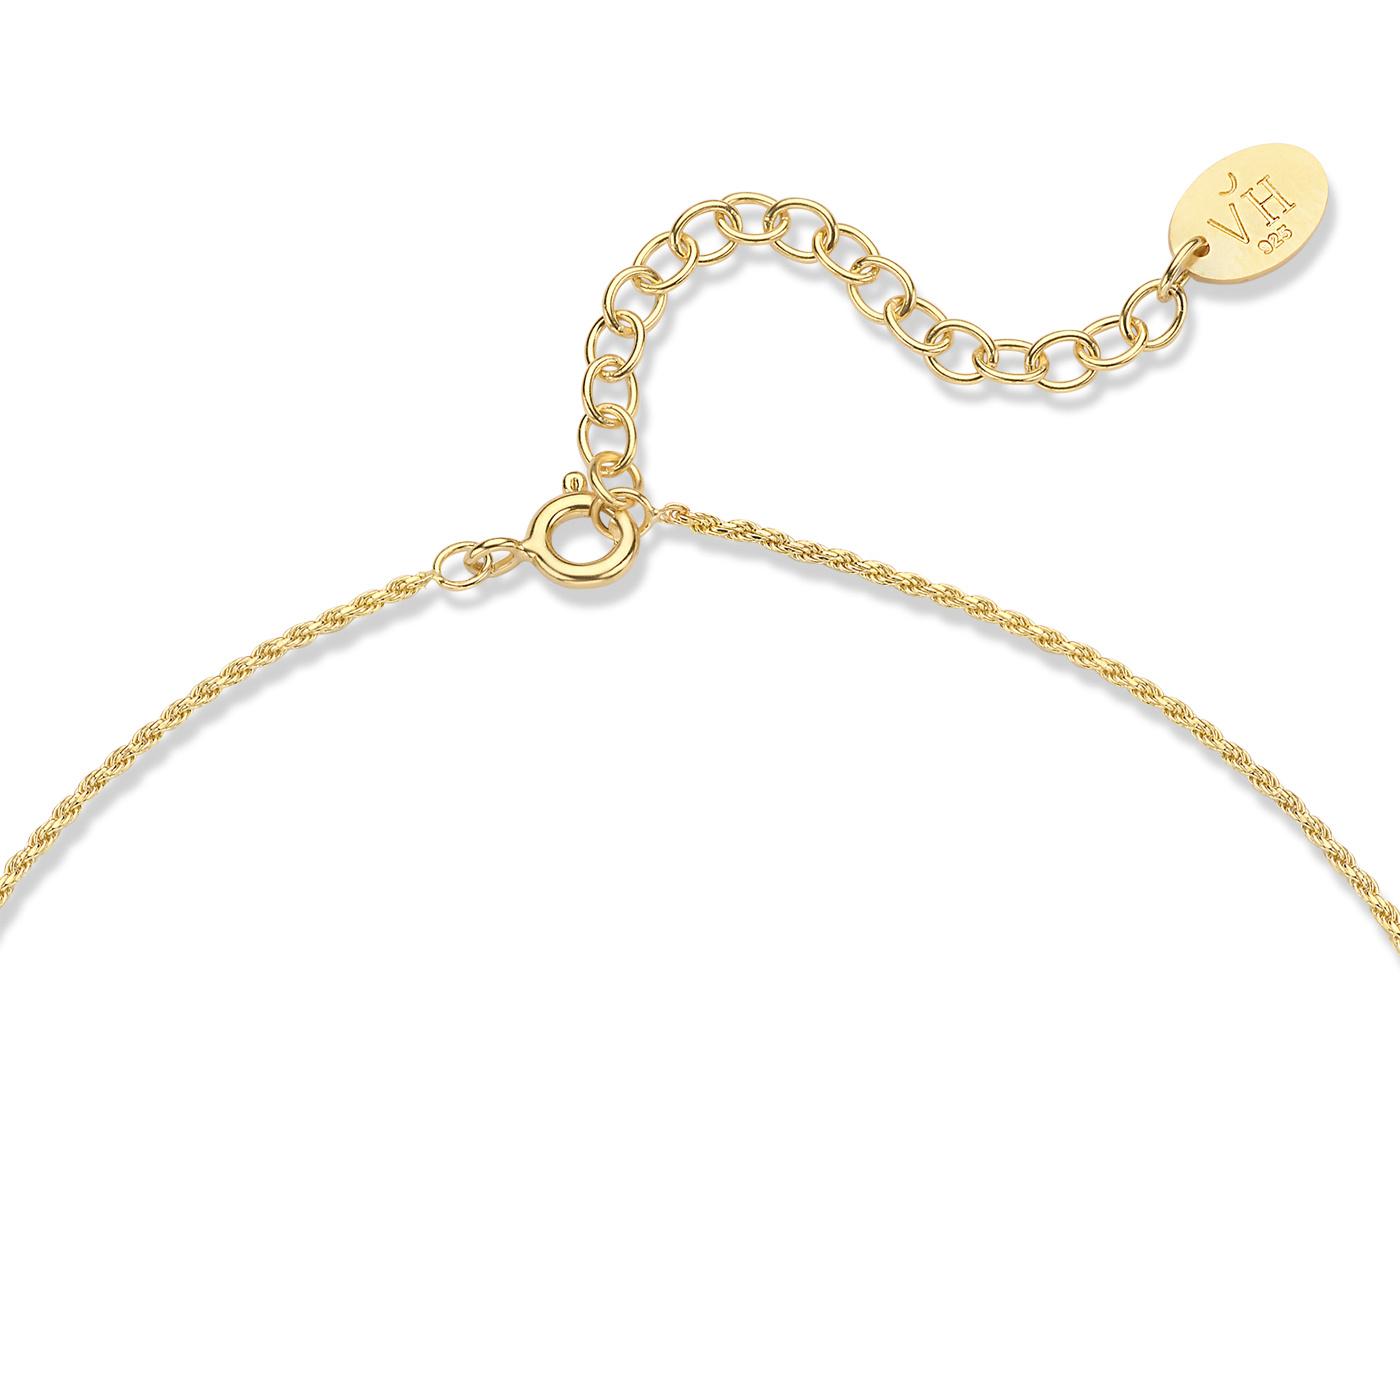 Violet Hamden Sisterhood Mona collana color oro in argento sterling 925